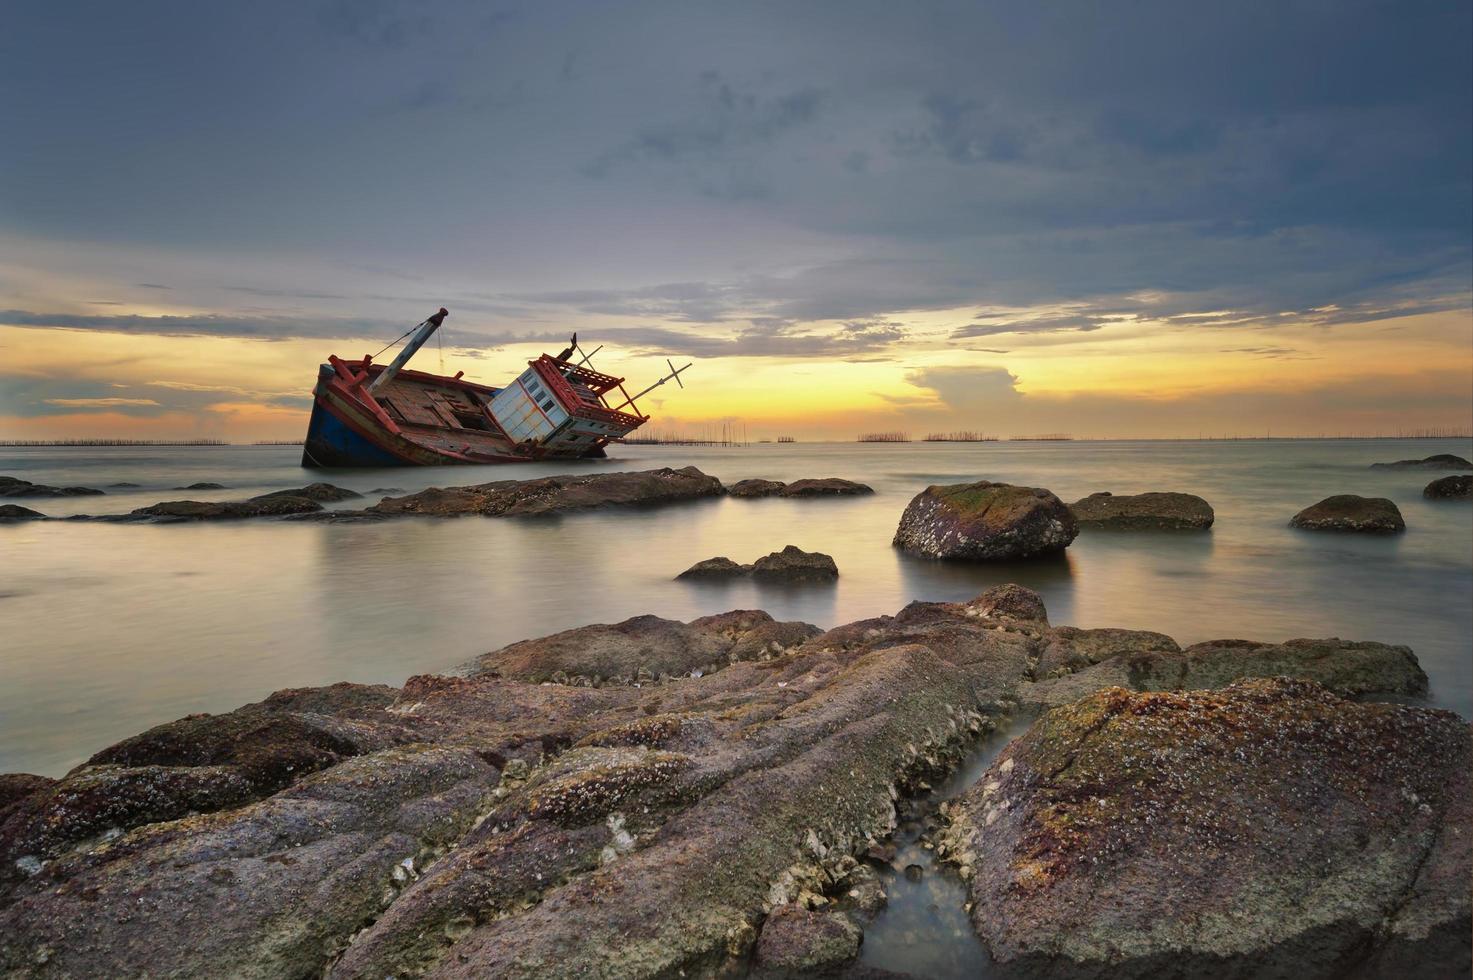 schipbreukelingenboot bij zonsondergang foto